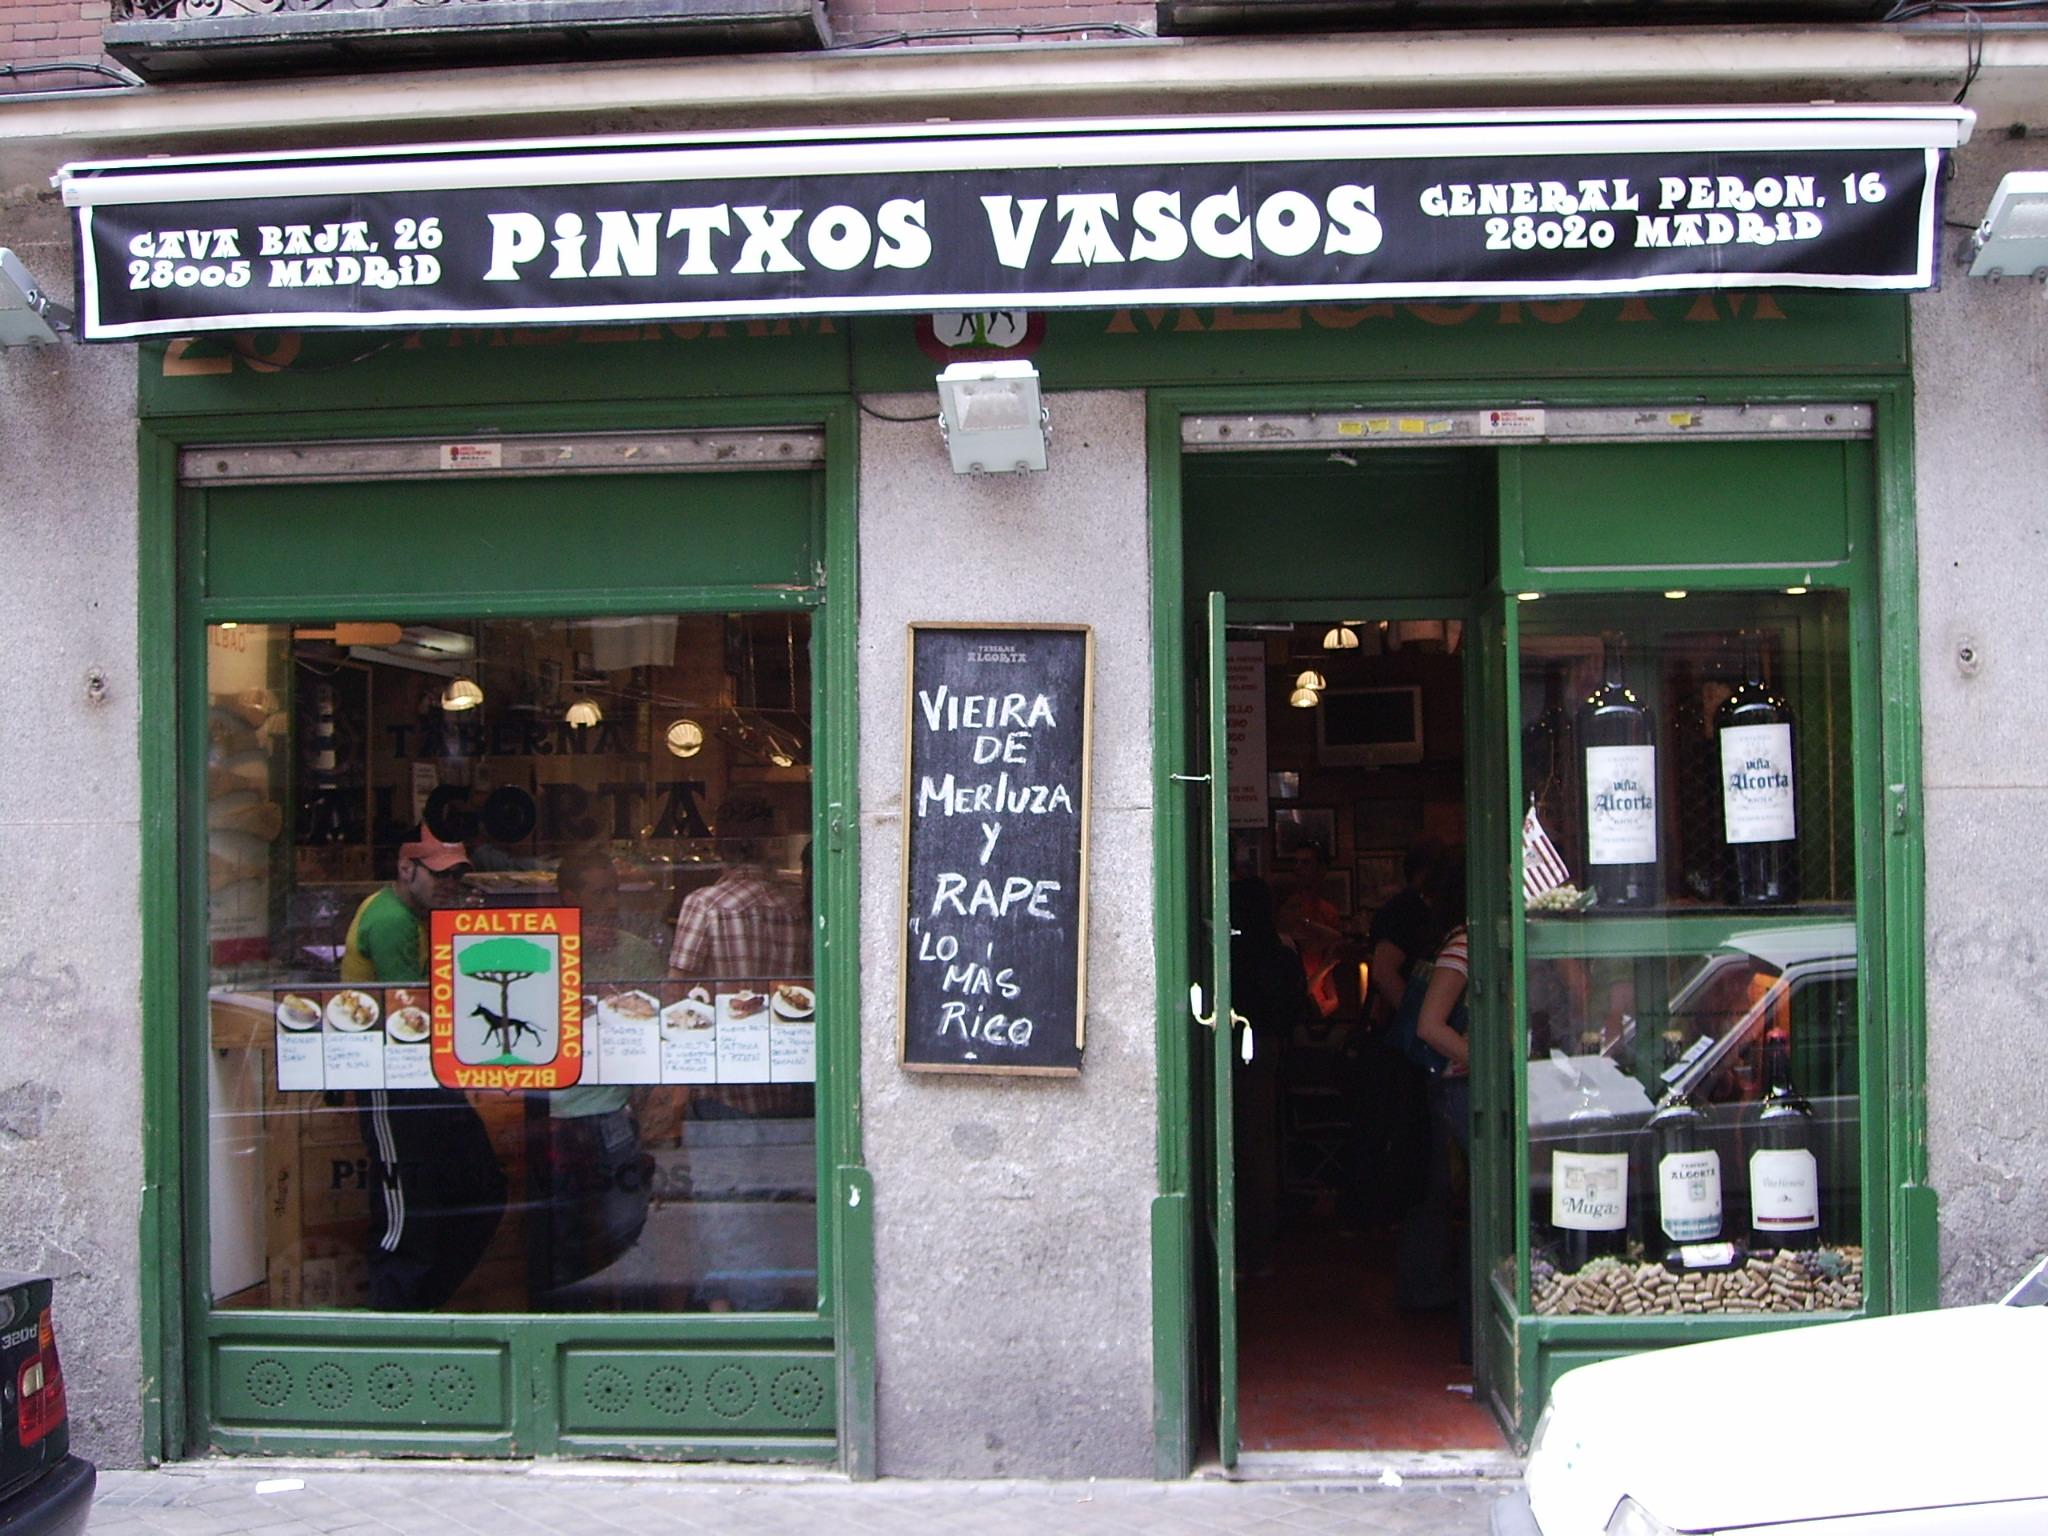 Pintxos Vascos